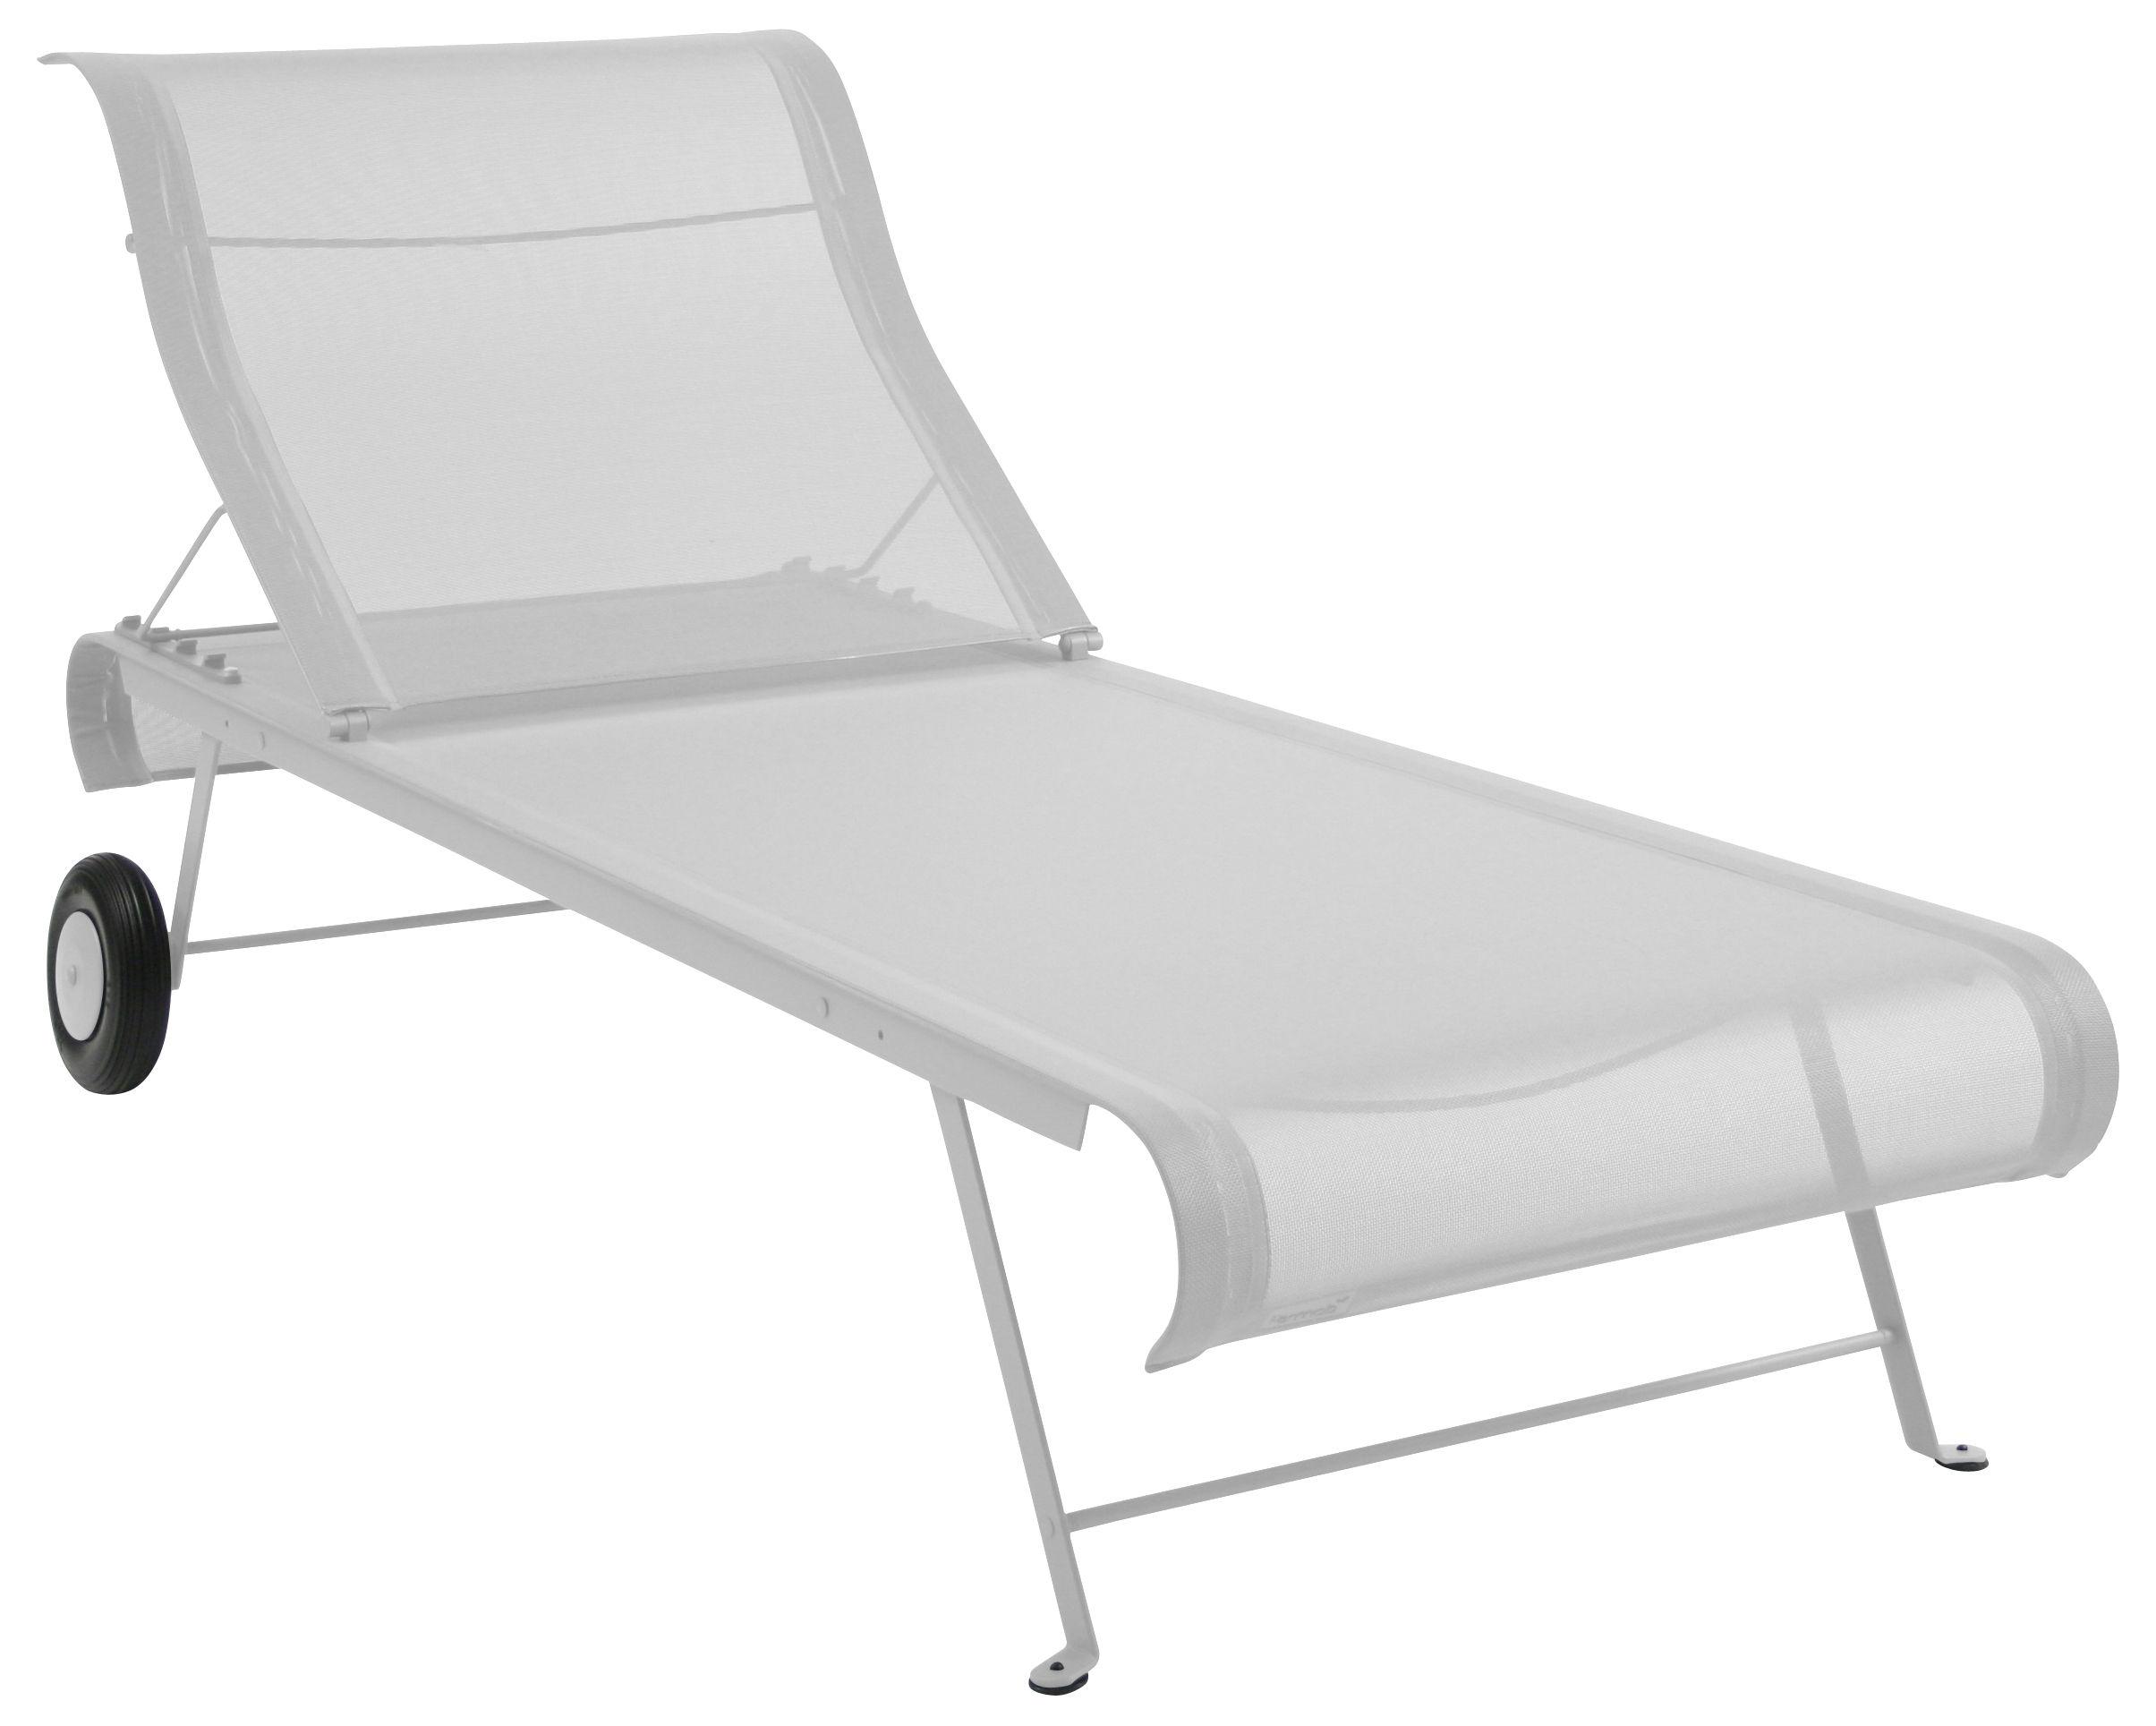 Jardin - Chaises longues et hamacs - Bain de soleil Dune - Fermob - Blanc - Acier laqué, Toile polyester